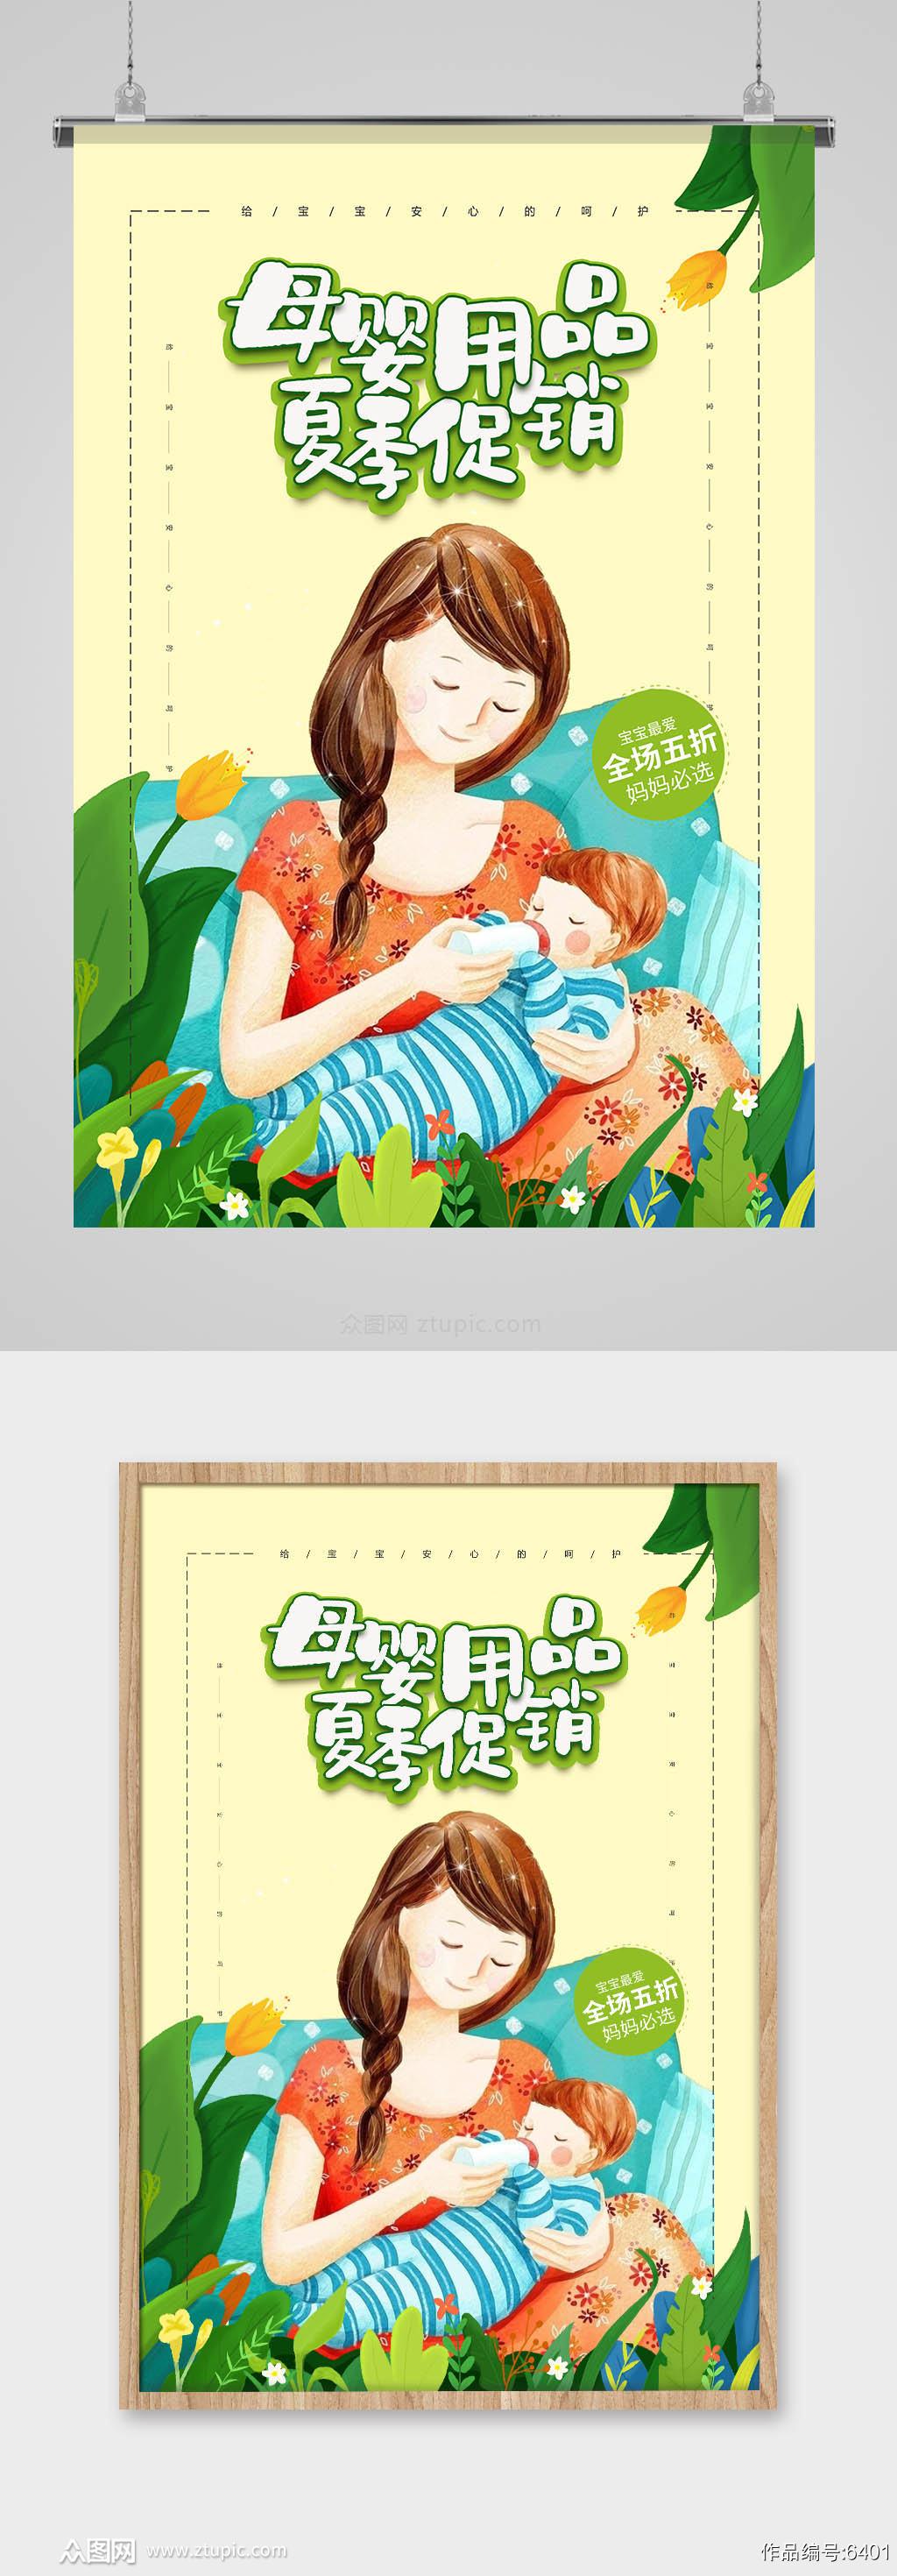 温馨手绘母亲节母婴用品海报素材